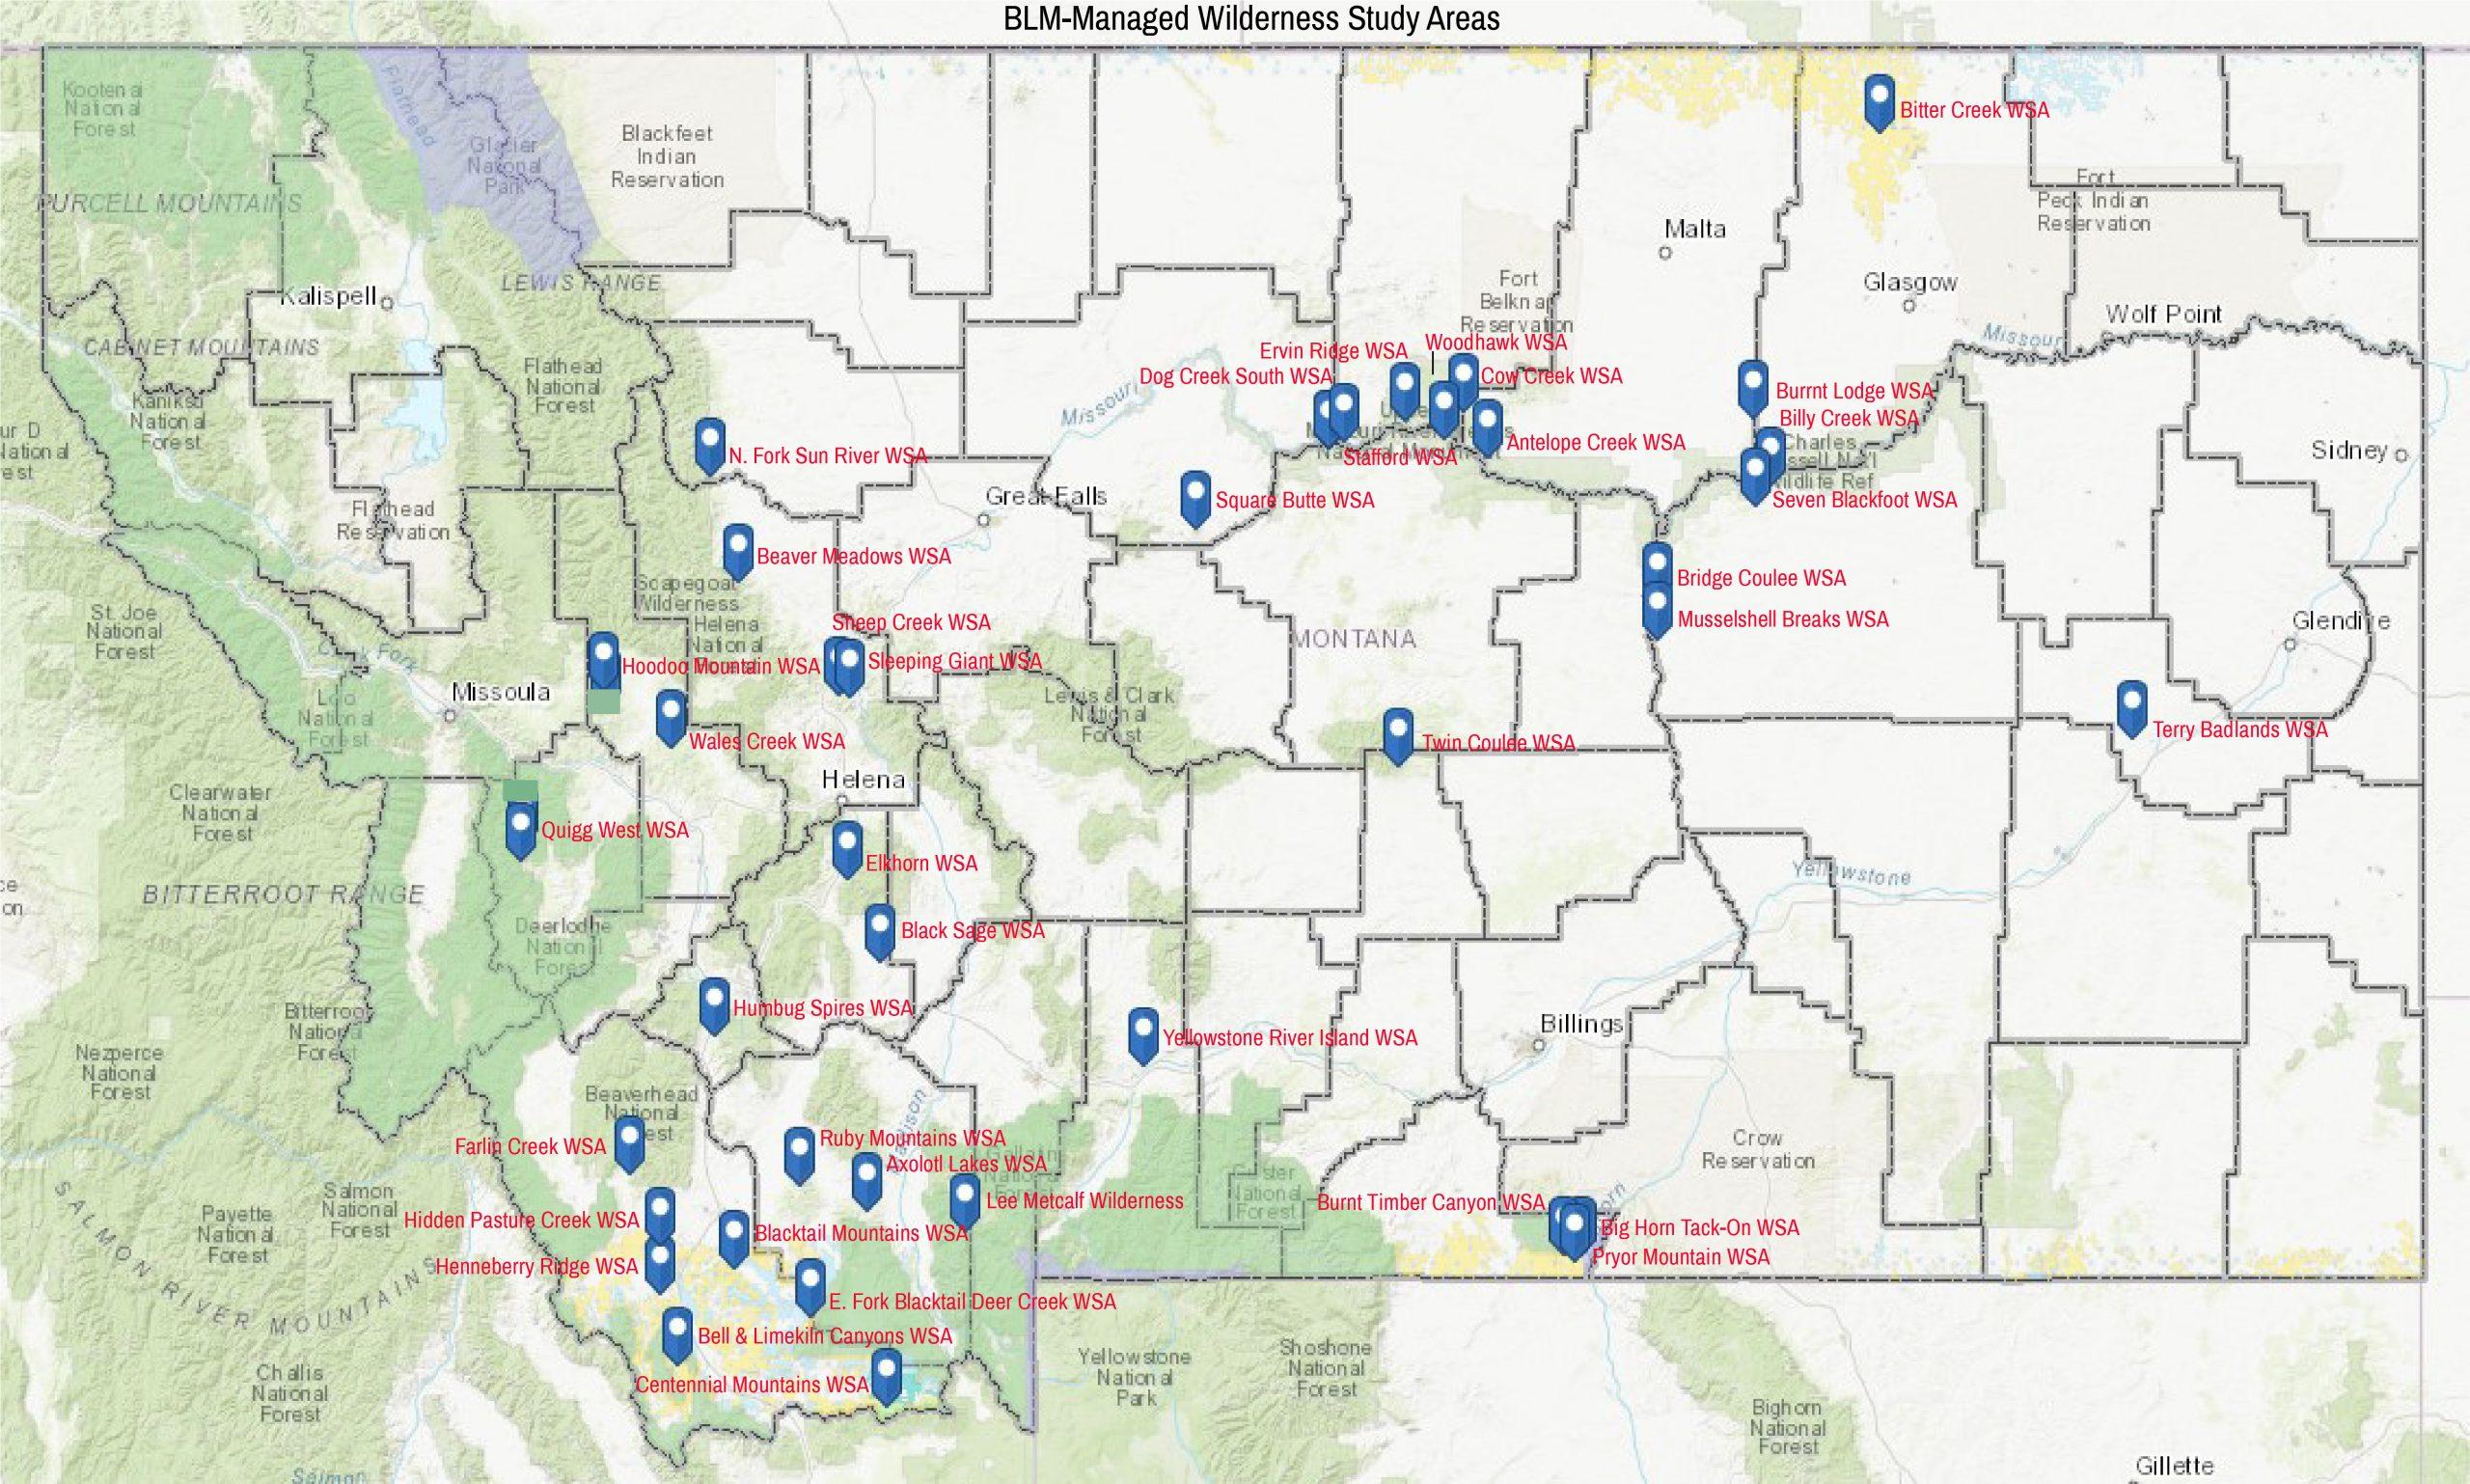 BLM Managed Wilderness